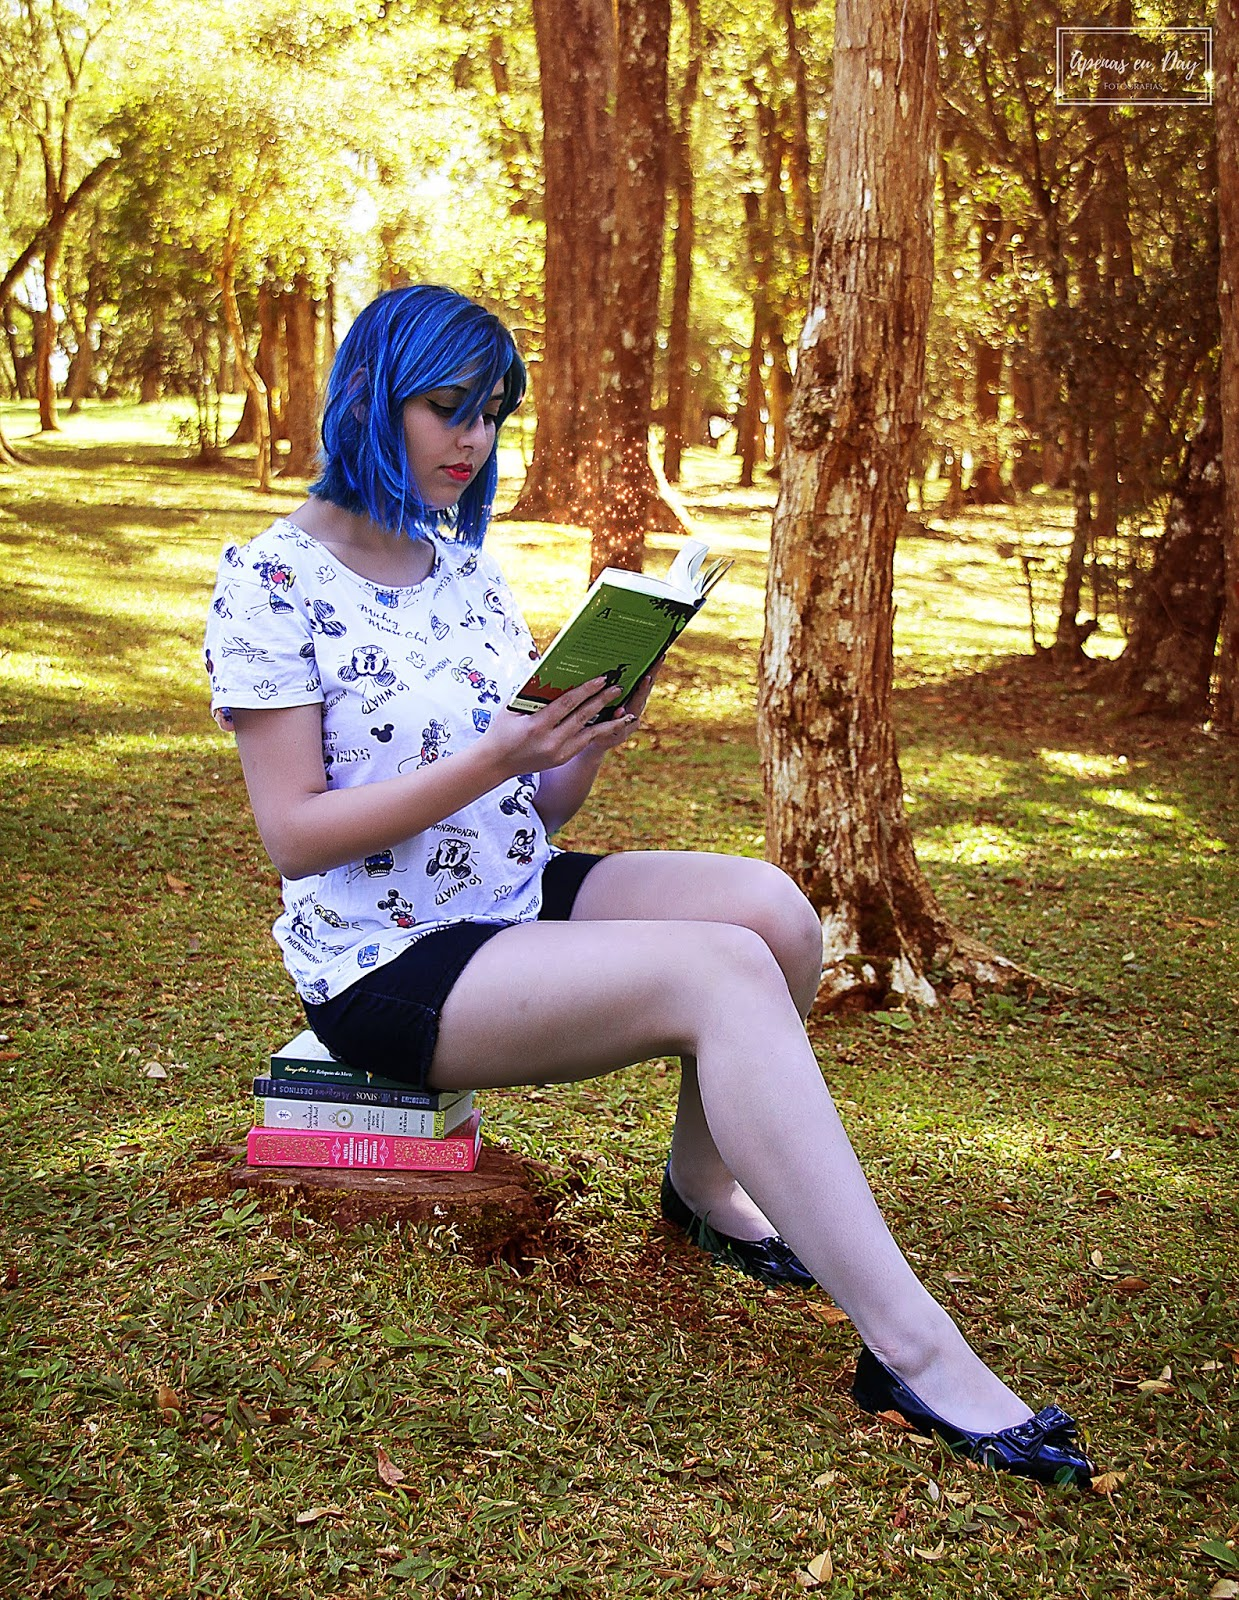 Ensaio fotográfico alternativo com a modelo Bruna na temática de livros e a personagem Coraline. Veja mais!